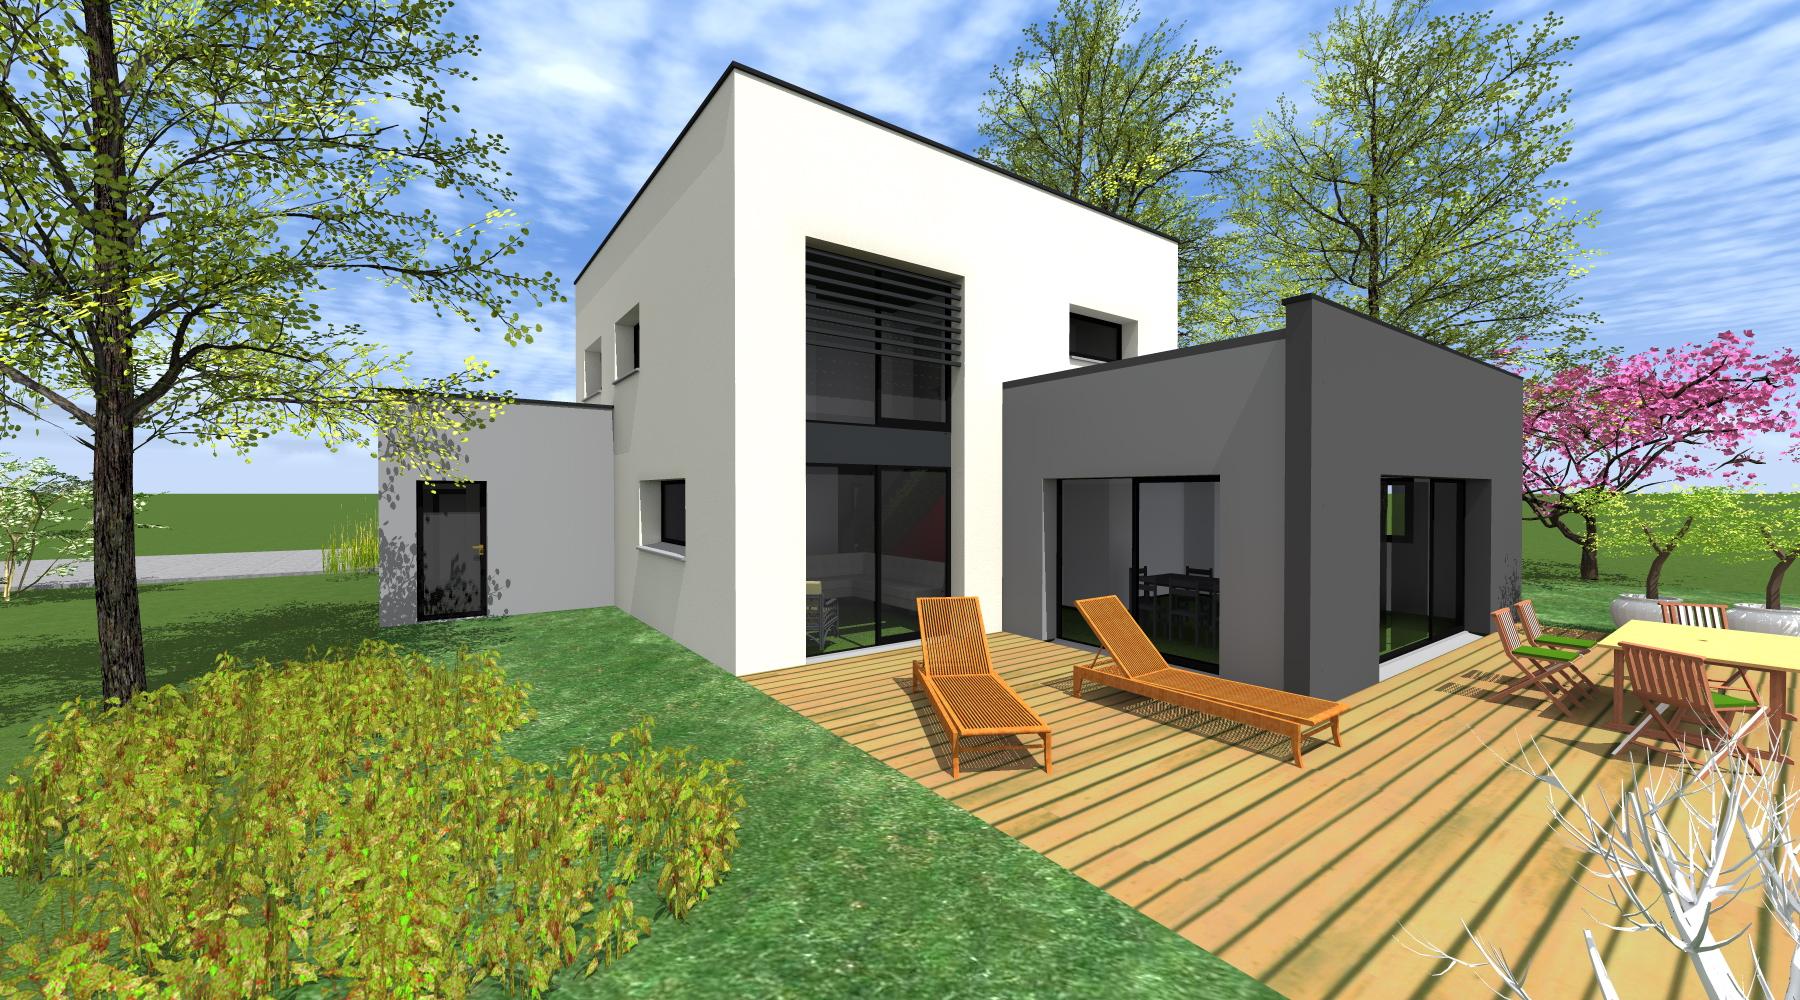 Constructeur De Maison Rennes maison rt 2012 - 1.2 vue – architecte / lise roturier